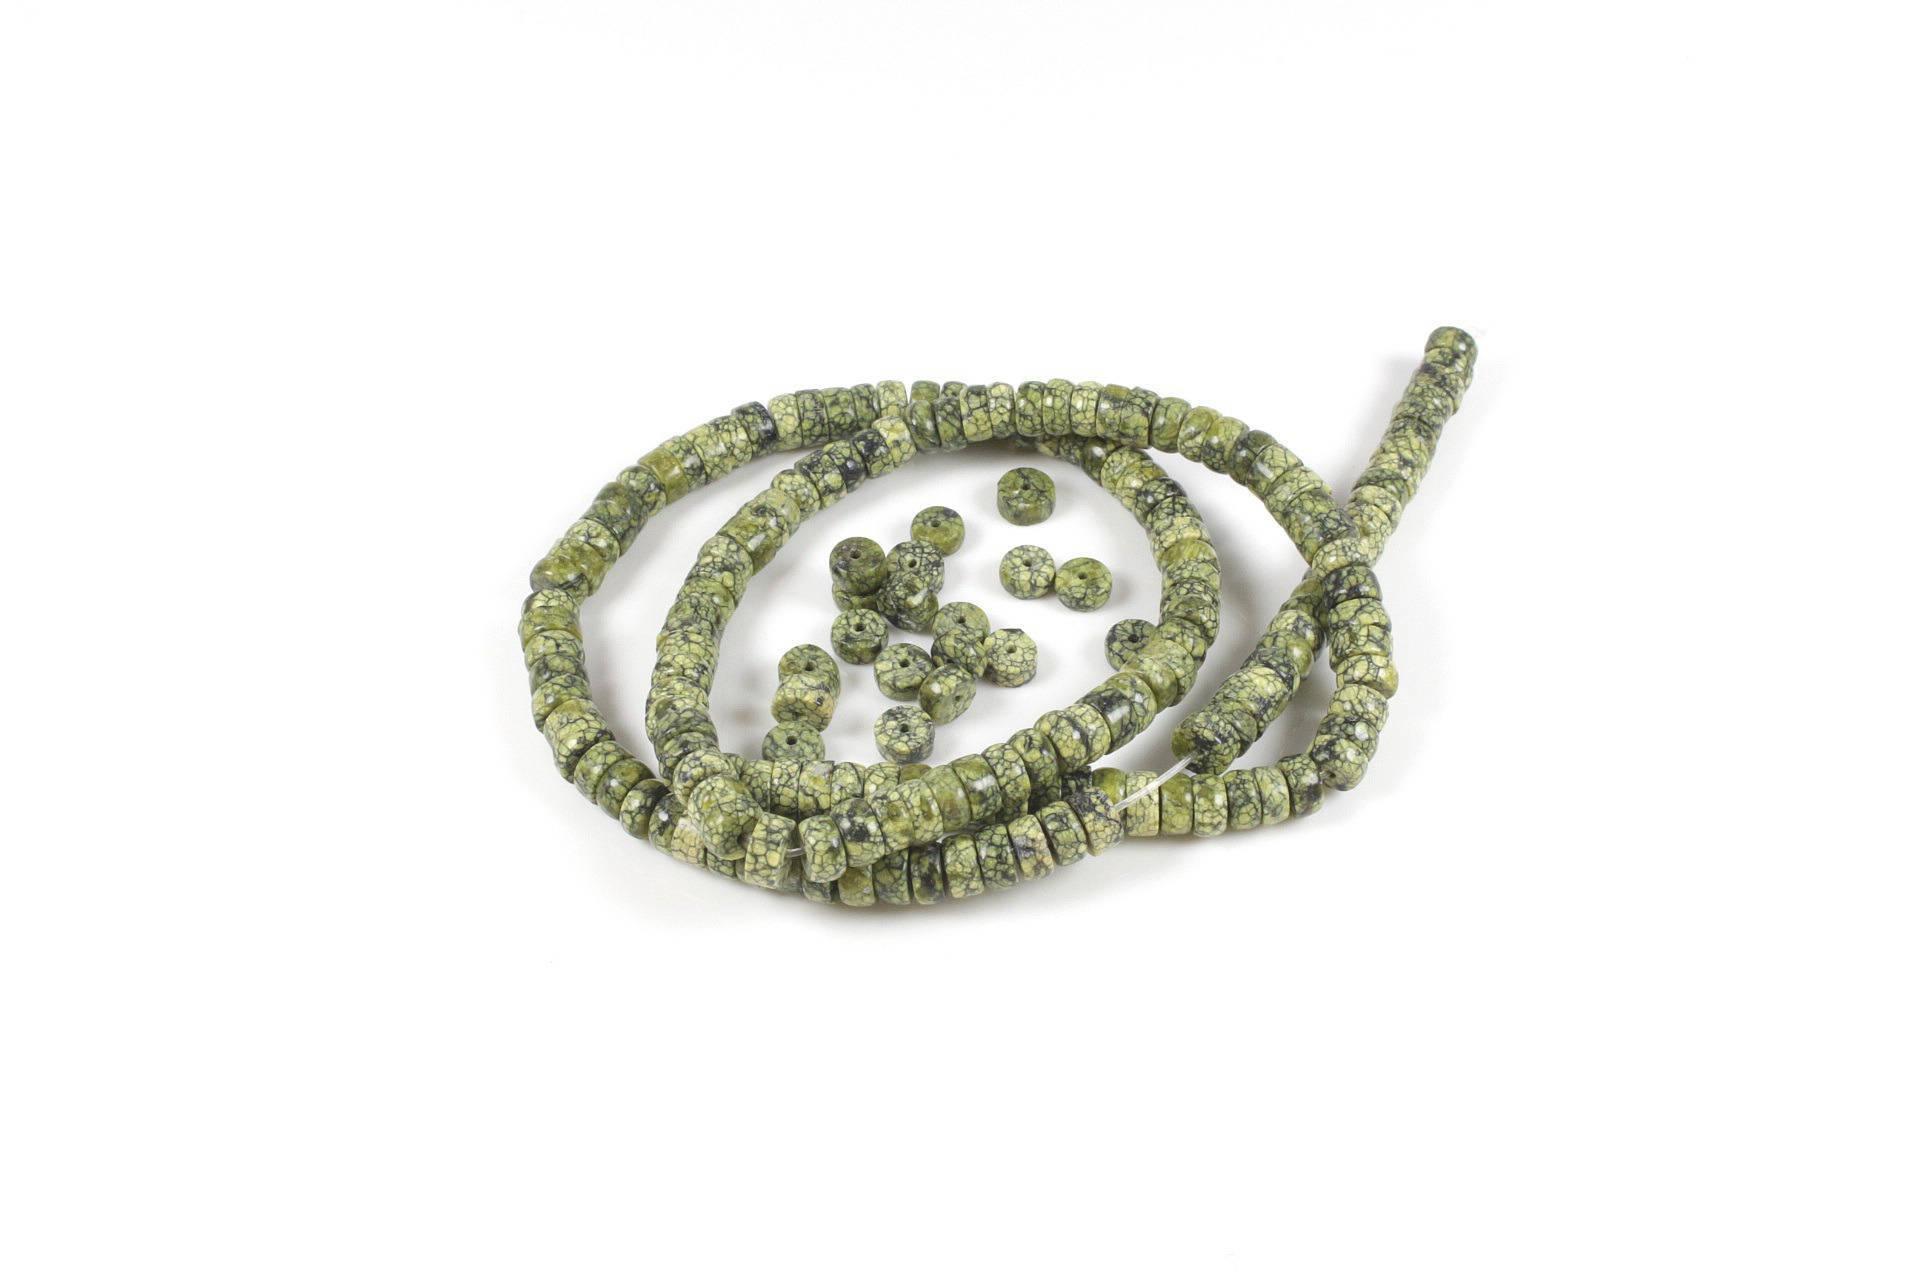 40 perles rondelle en jaspe green lace naturelle +/- 4 x 2mm        LBP00455